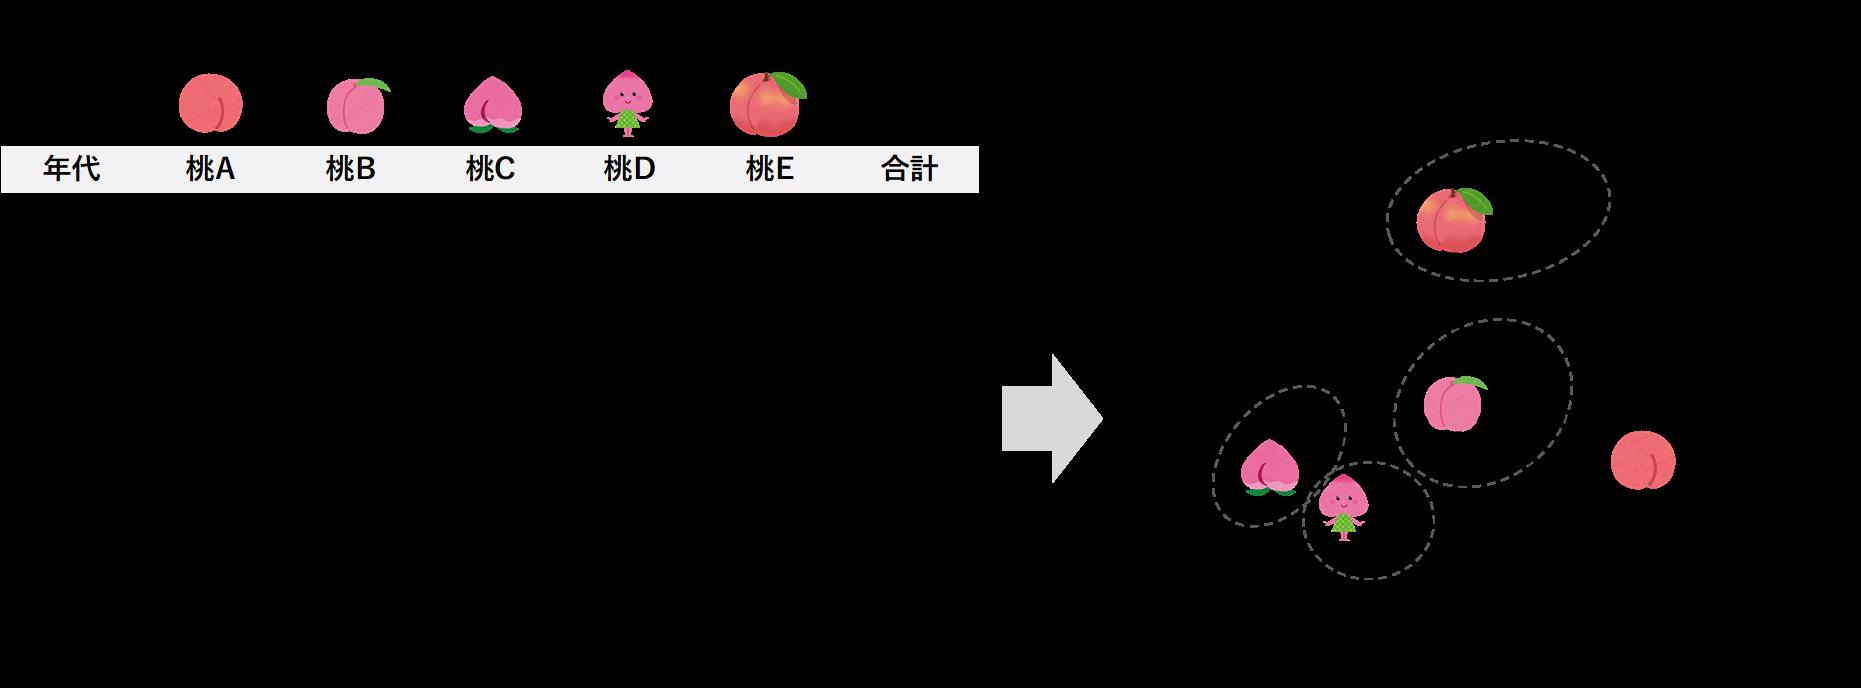 コレスポンデンス分析の例